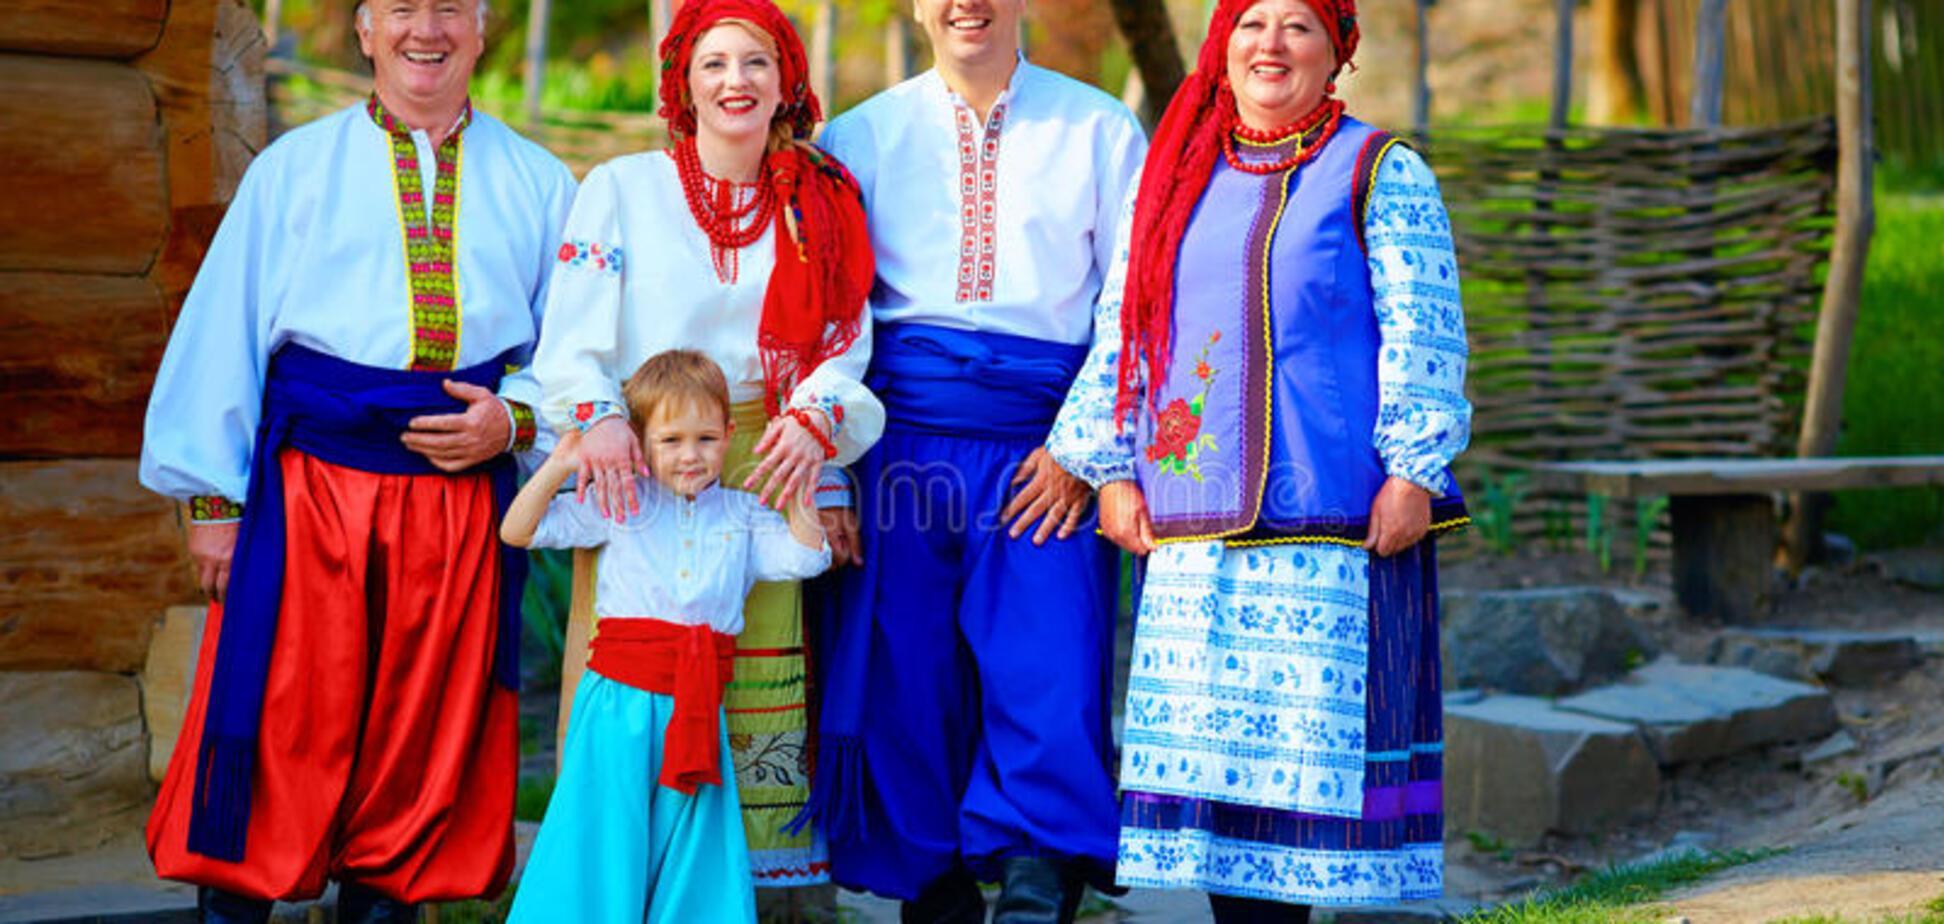 Ви бува не поїхали дахом, українці?!